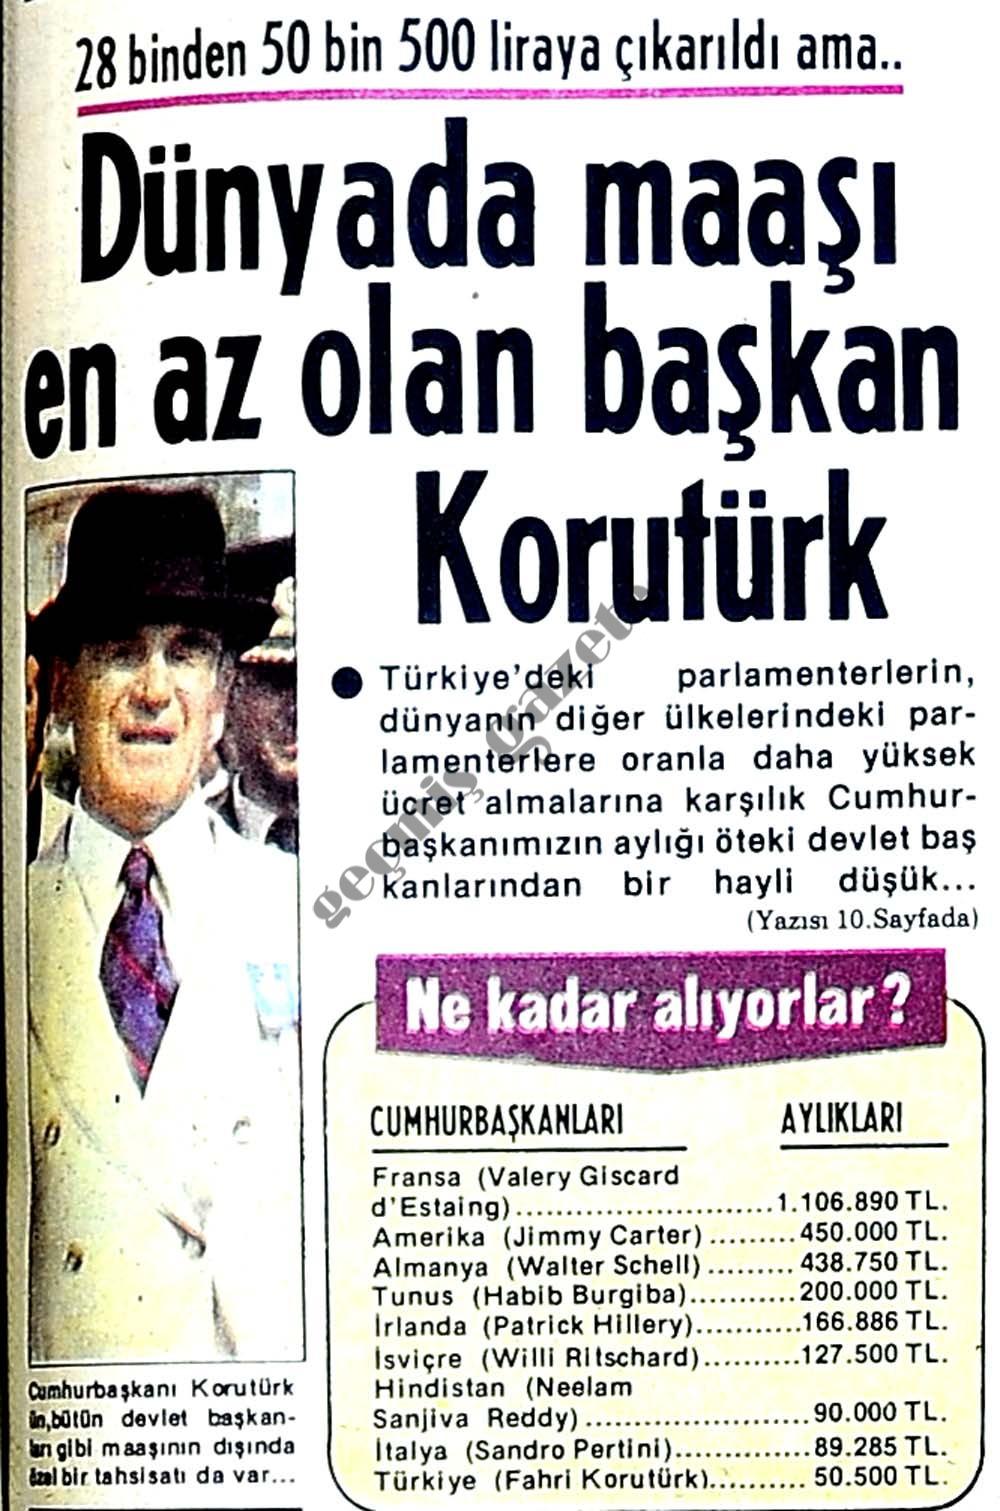 Dünyada maaşı en az olan başkan Korutürk